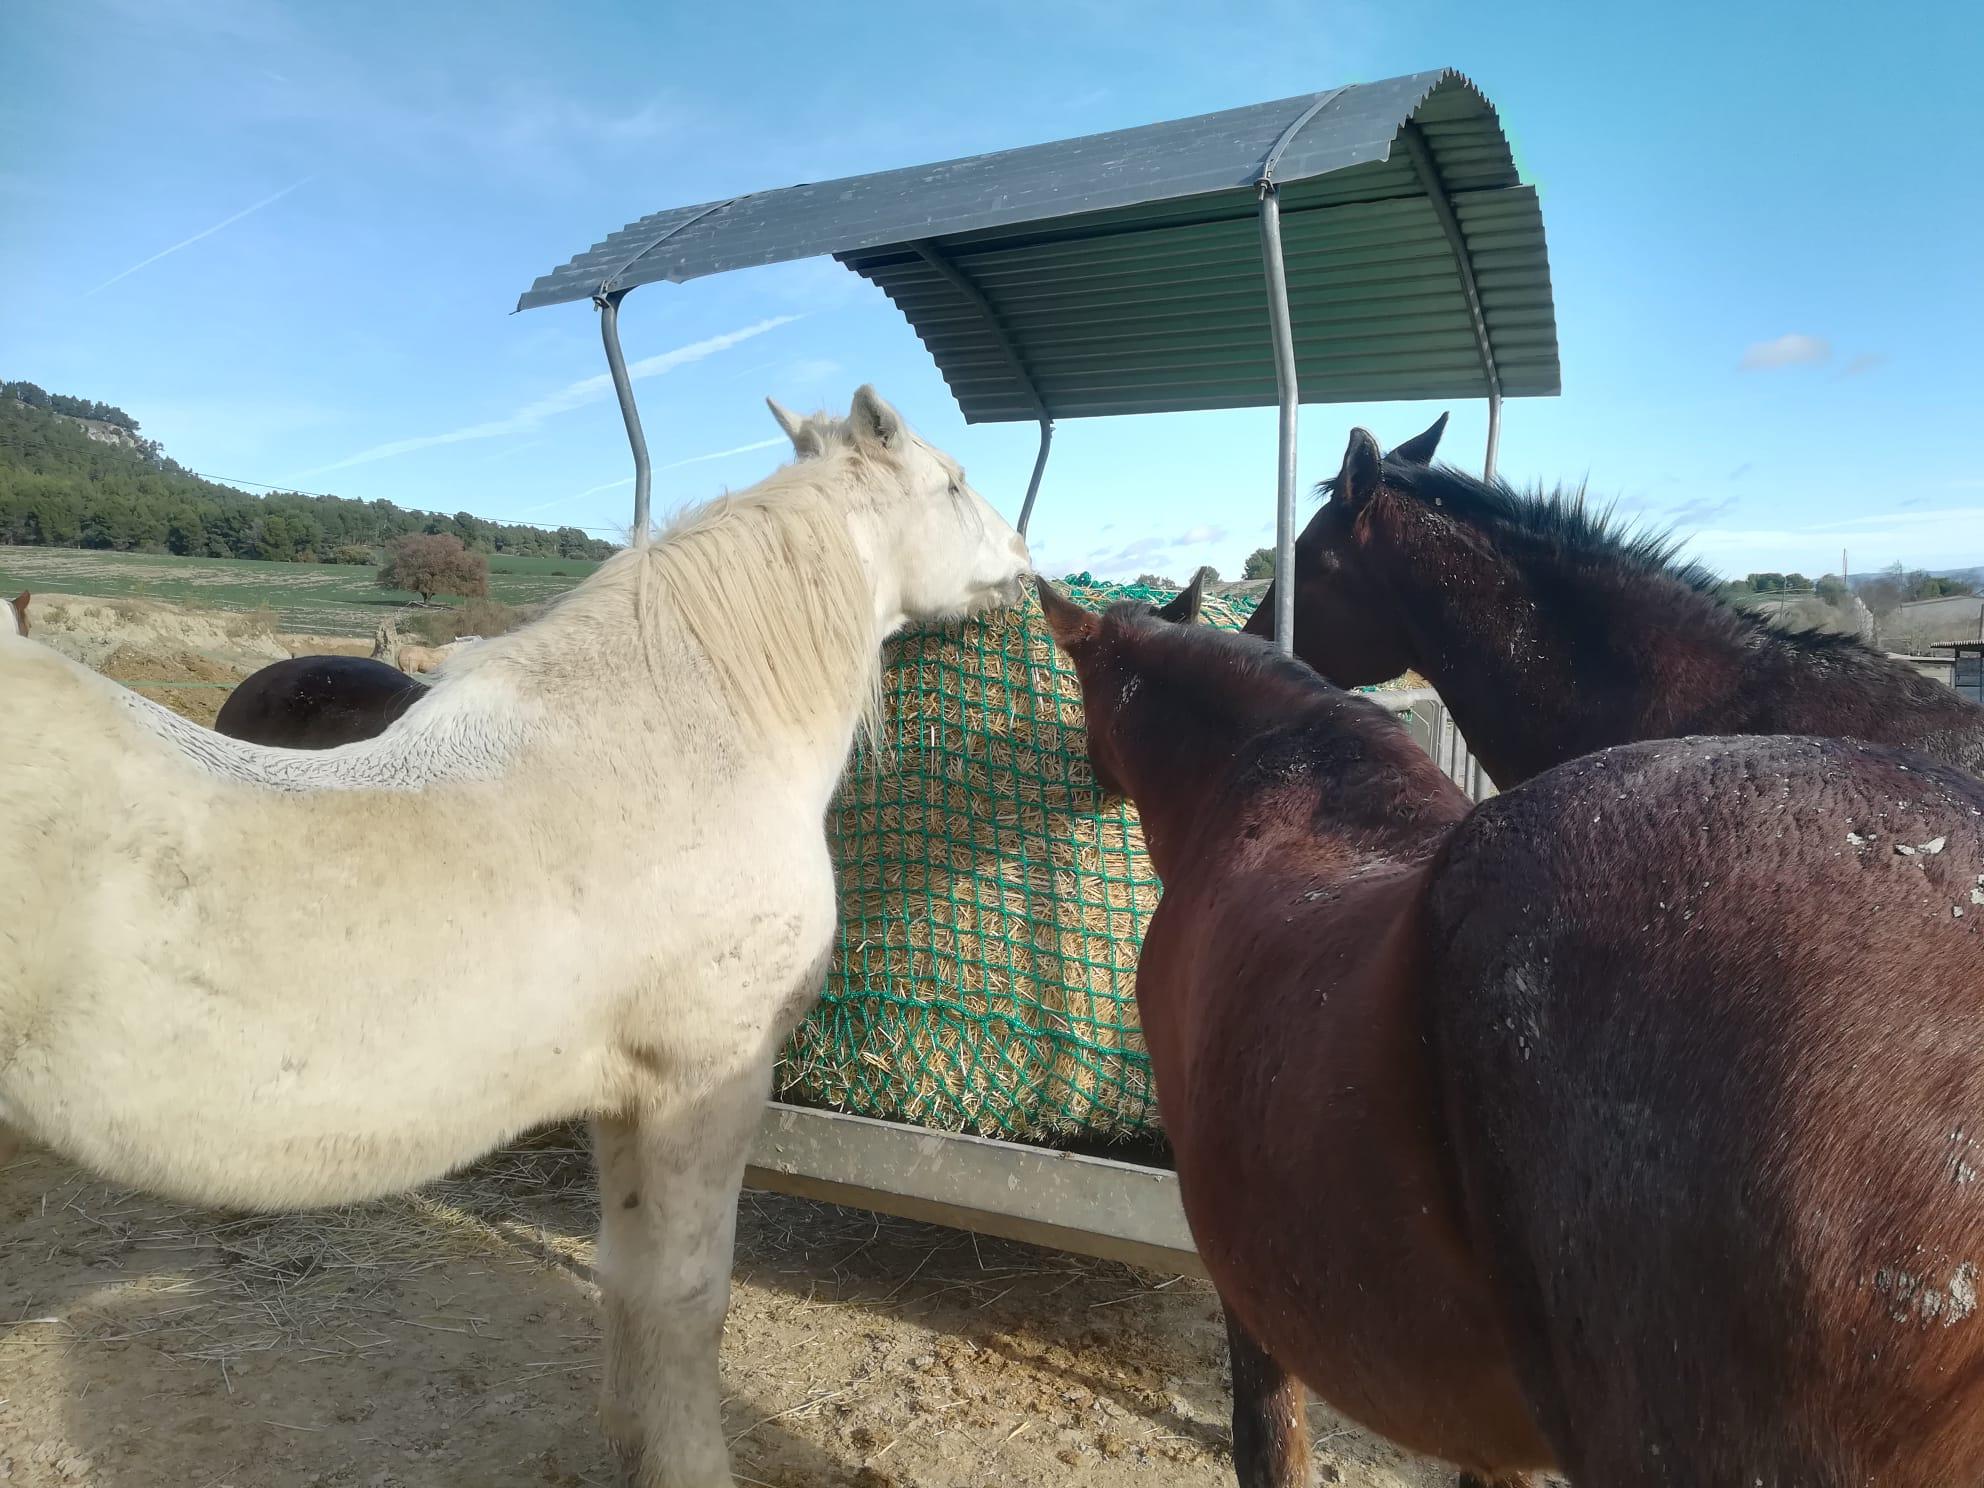 caballos comiendo en nieve gracias a red slow feeder